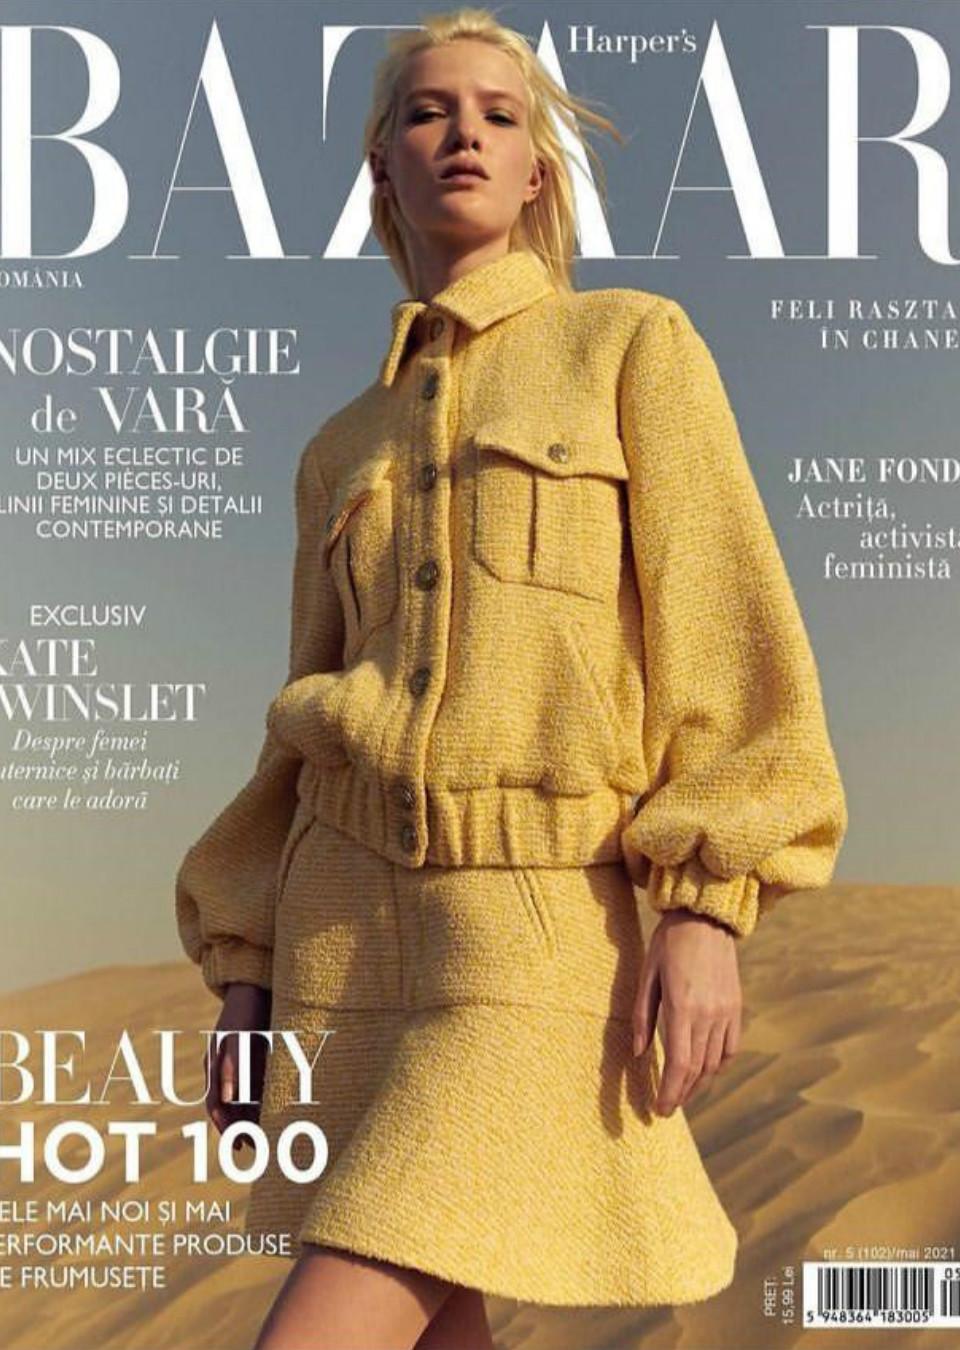 Feli Razstar Harper's Bazaar Romania